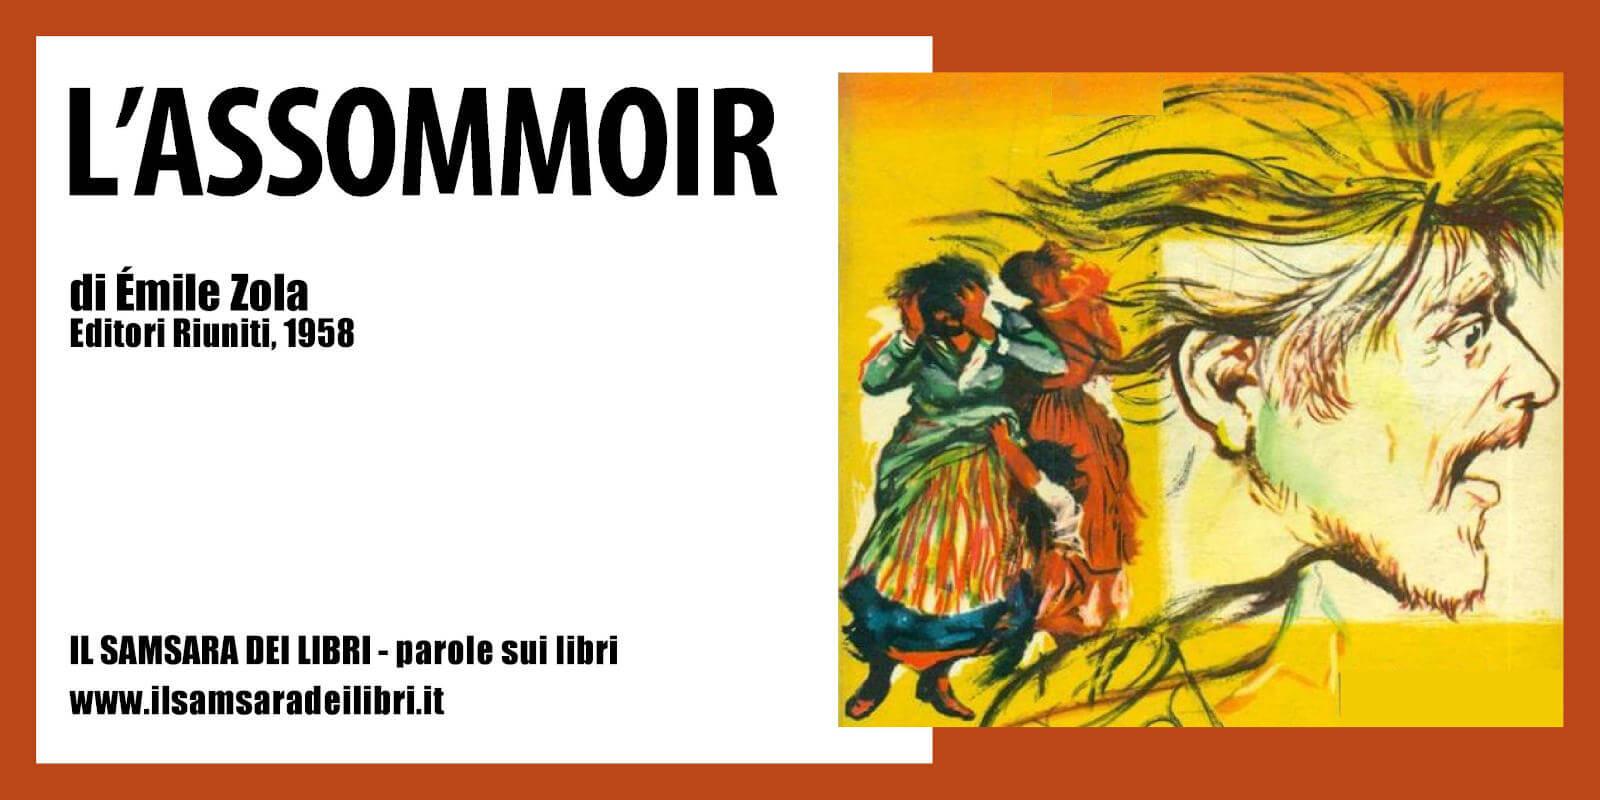 Immagine dellla copertina sul racconto dedicato a de L'Assommoir